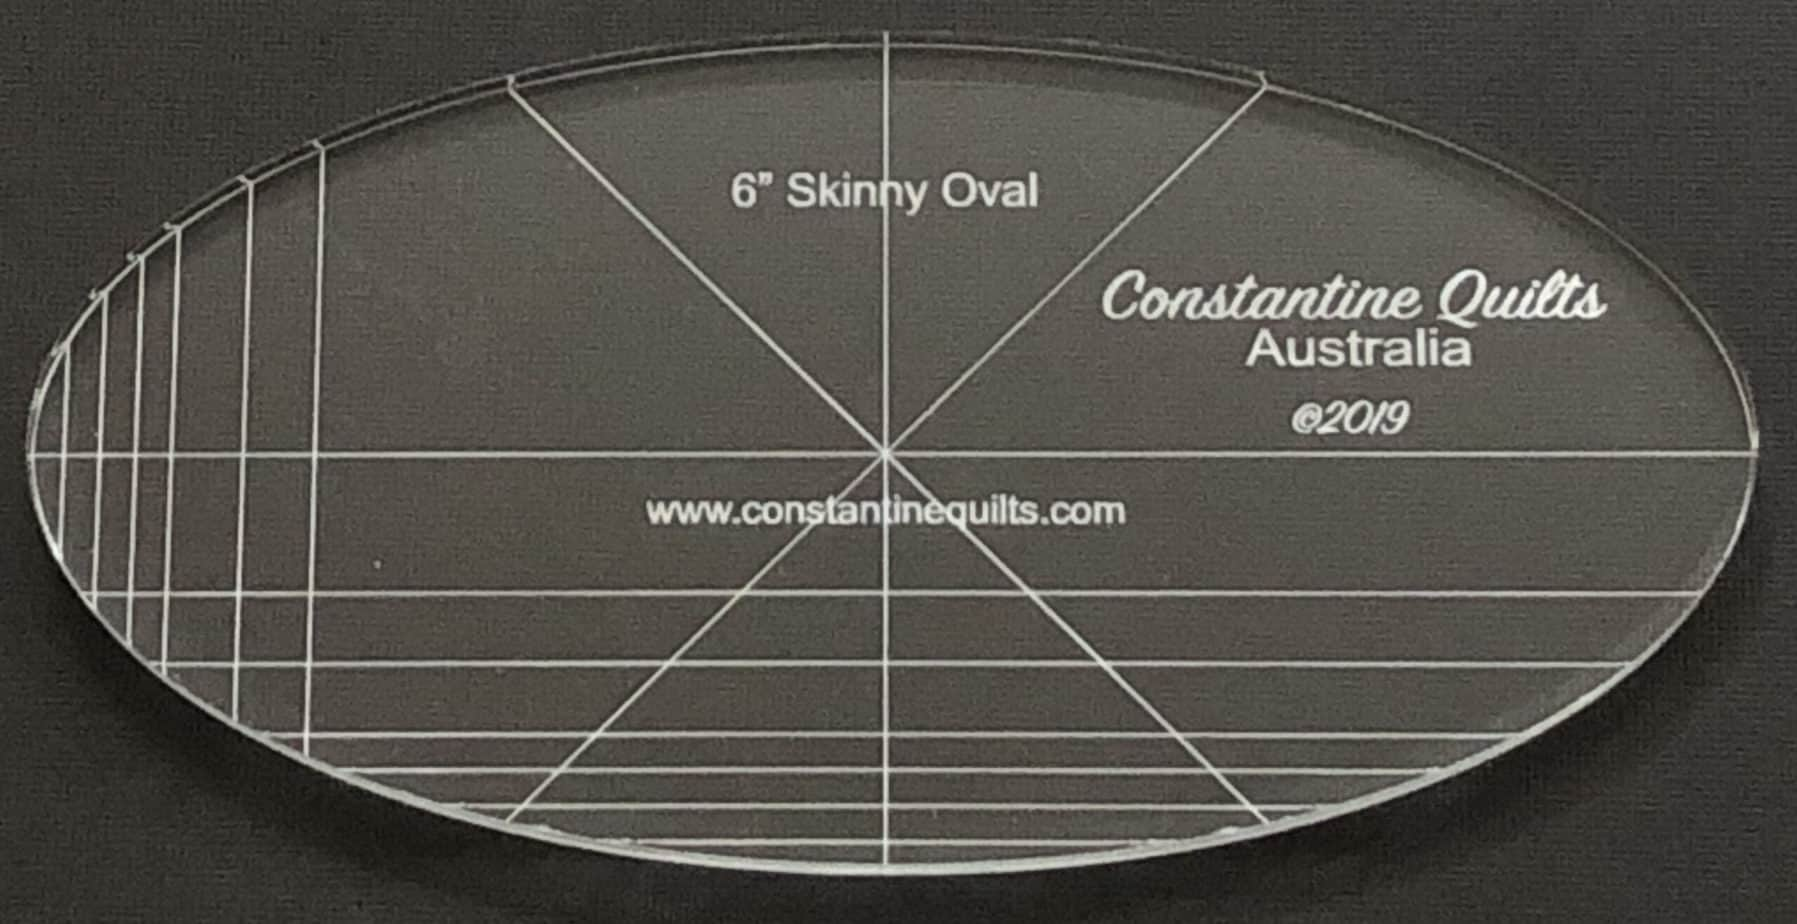 6 skinny oval